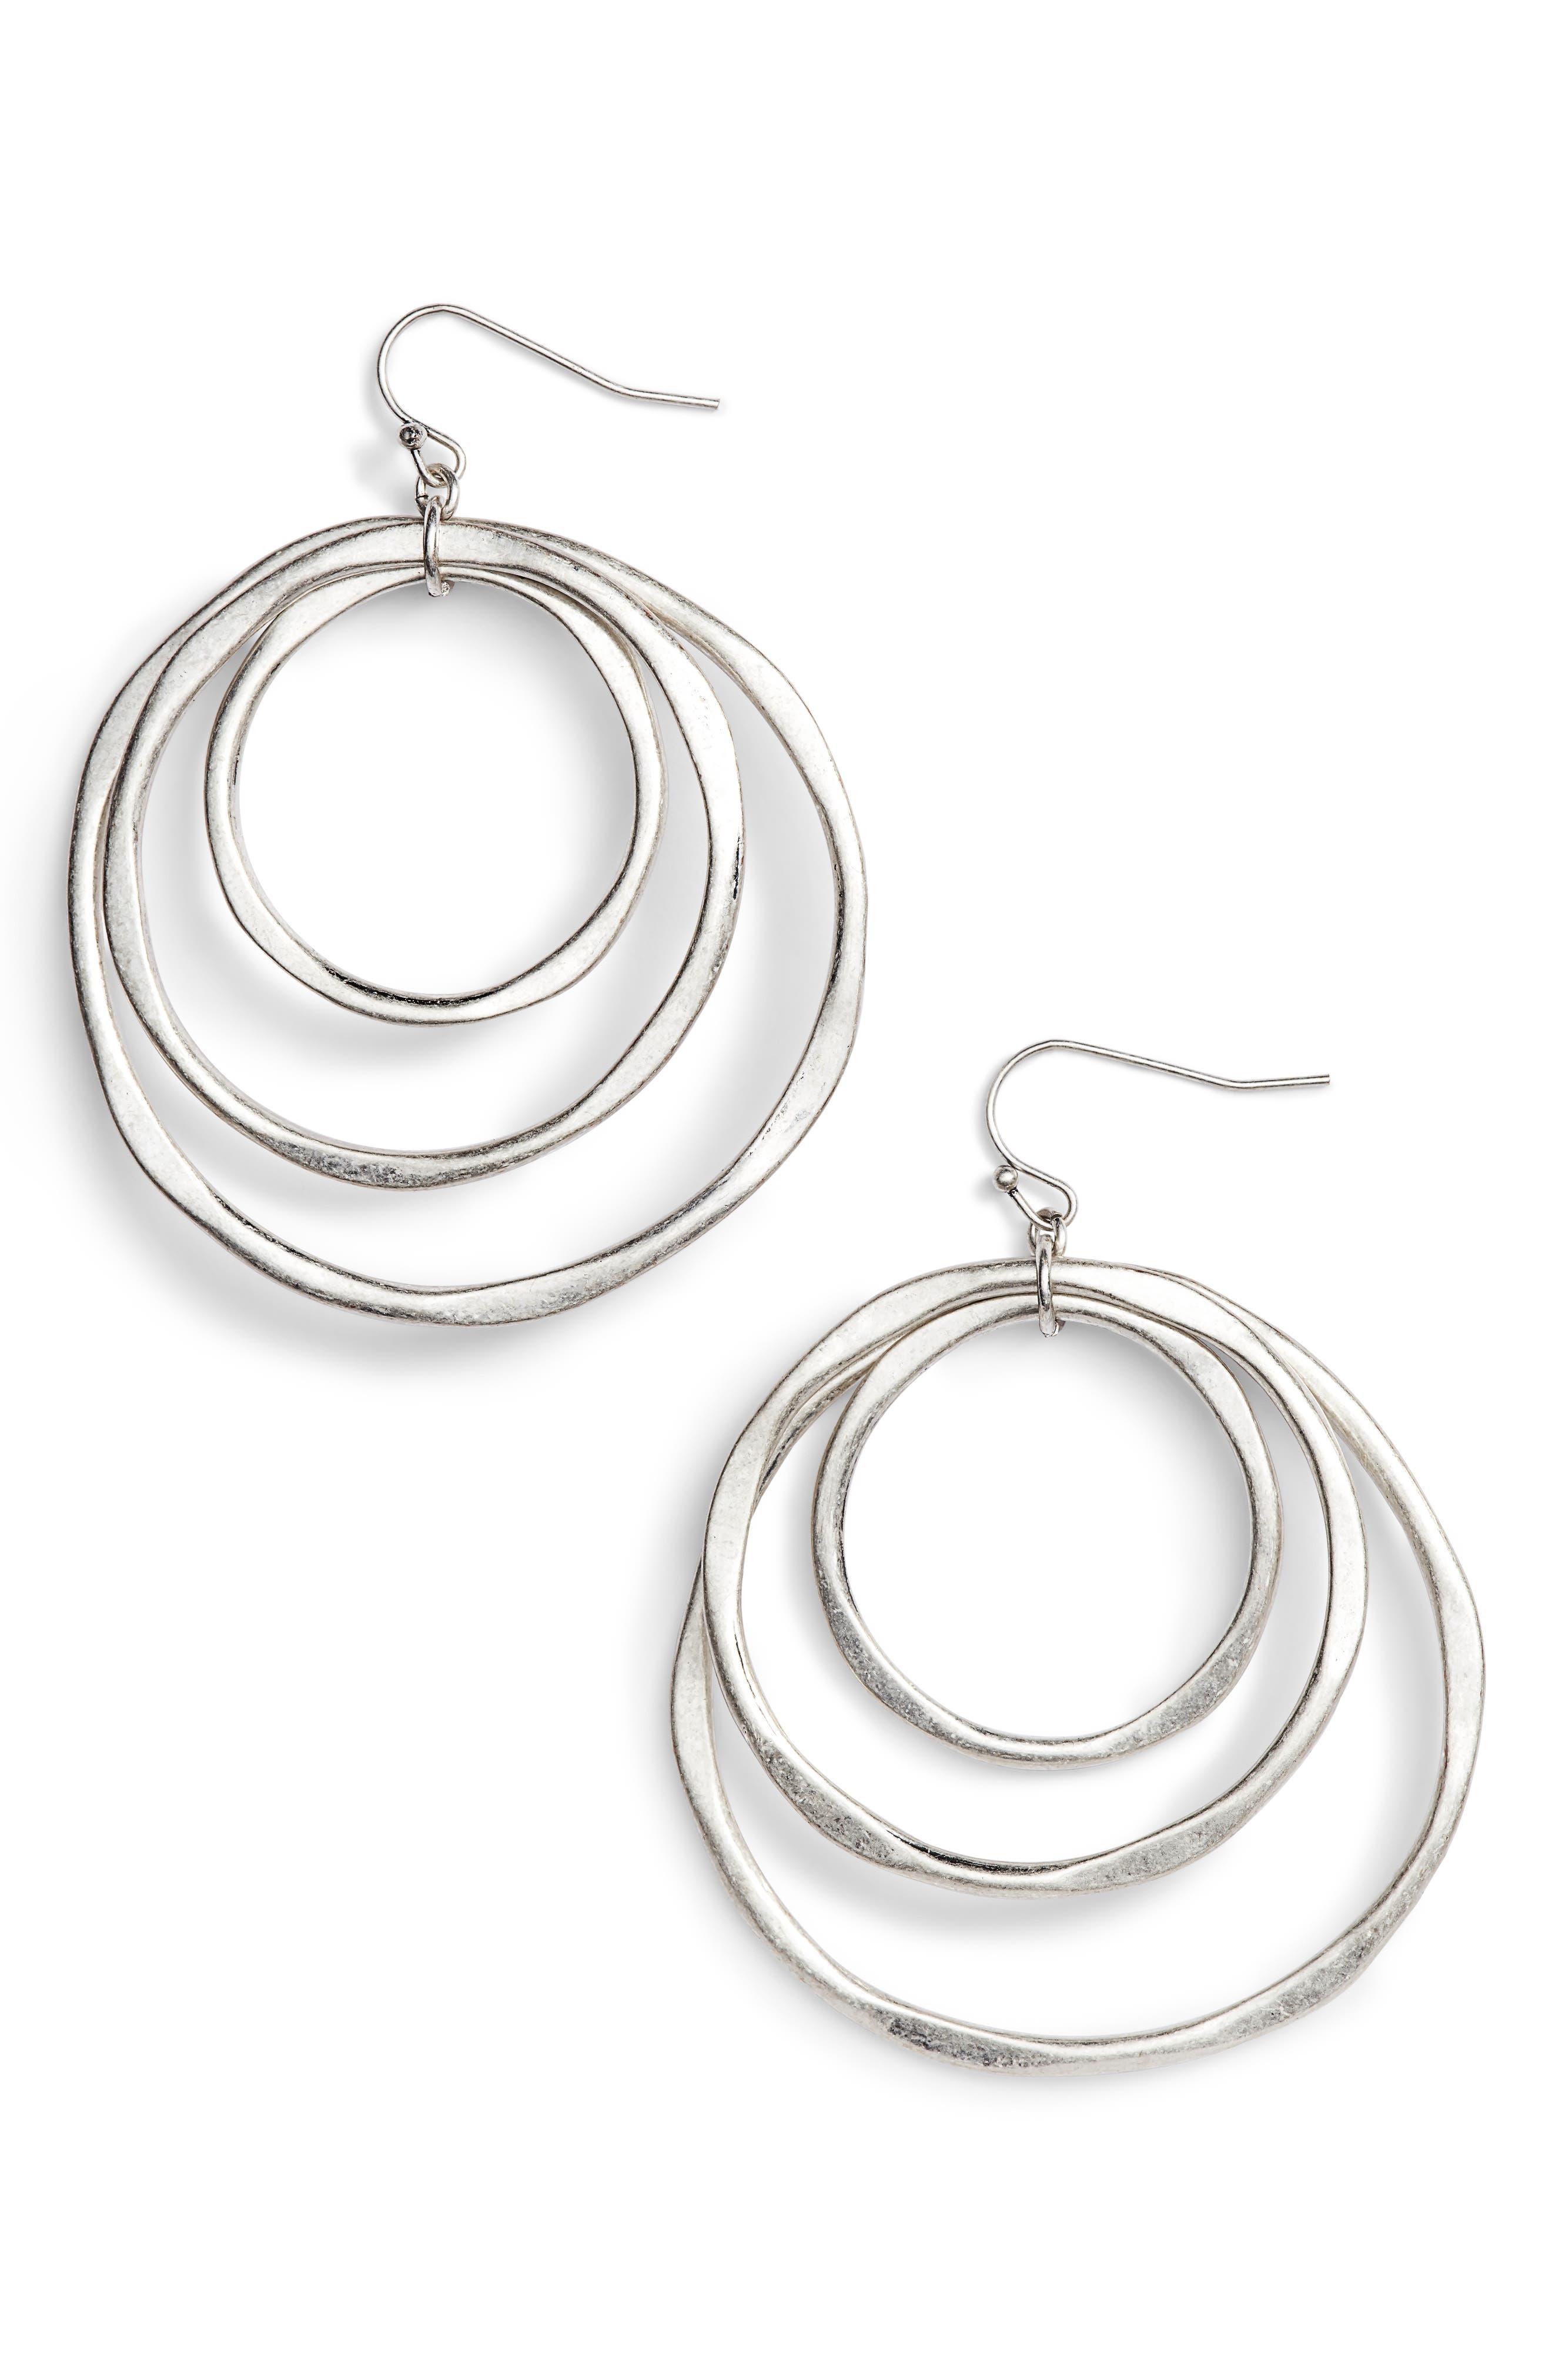 Alternate Image 1 Selected - Treasure & Bond Triple Orbit Hoop Earrings